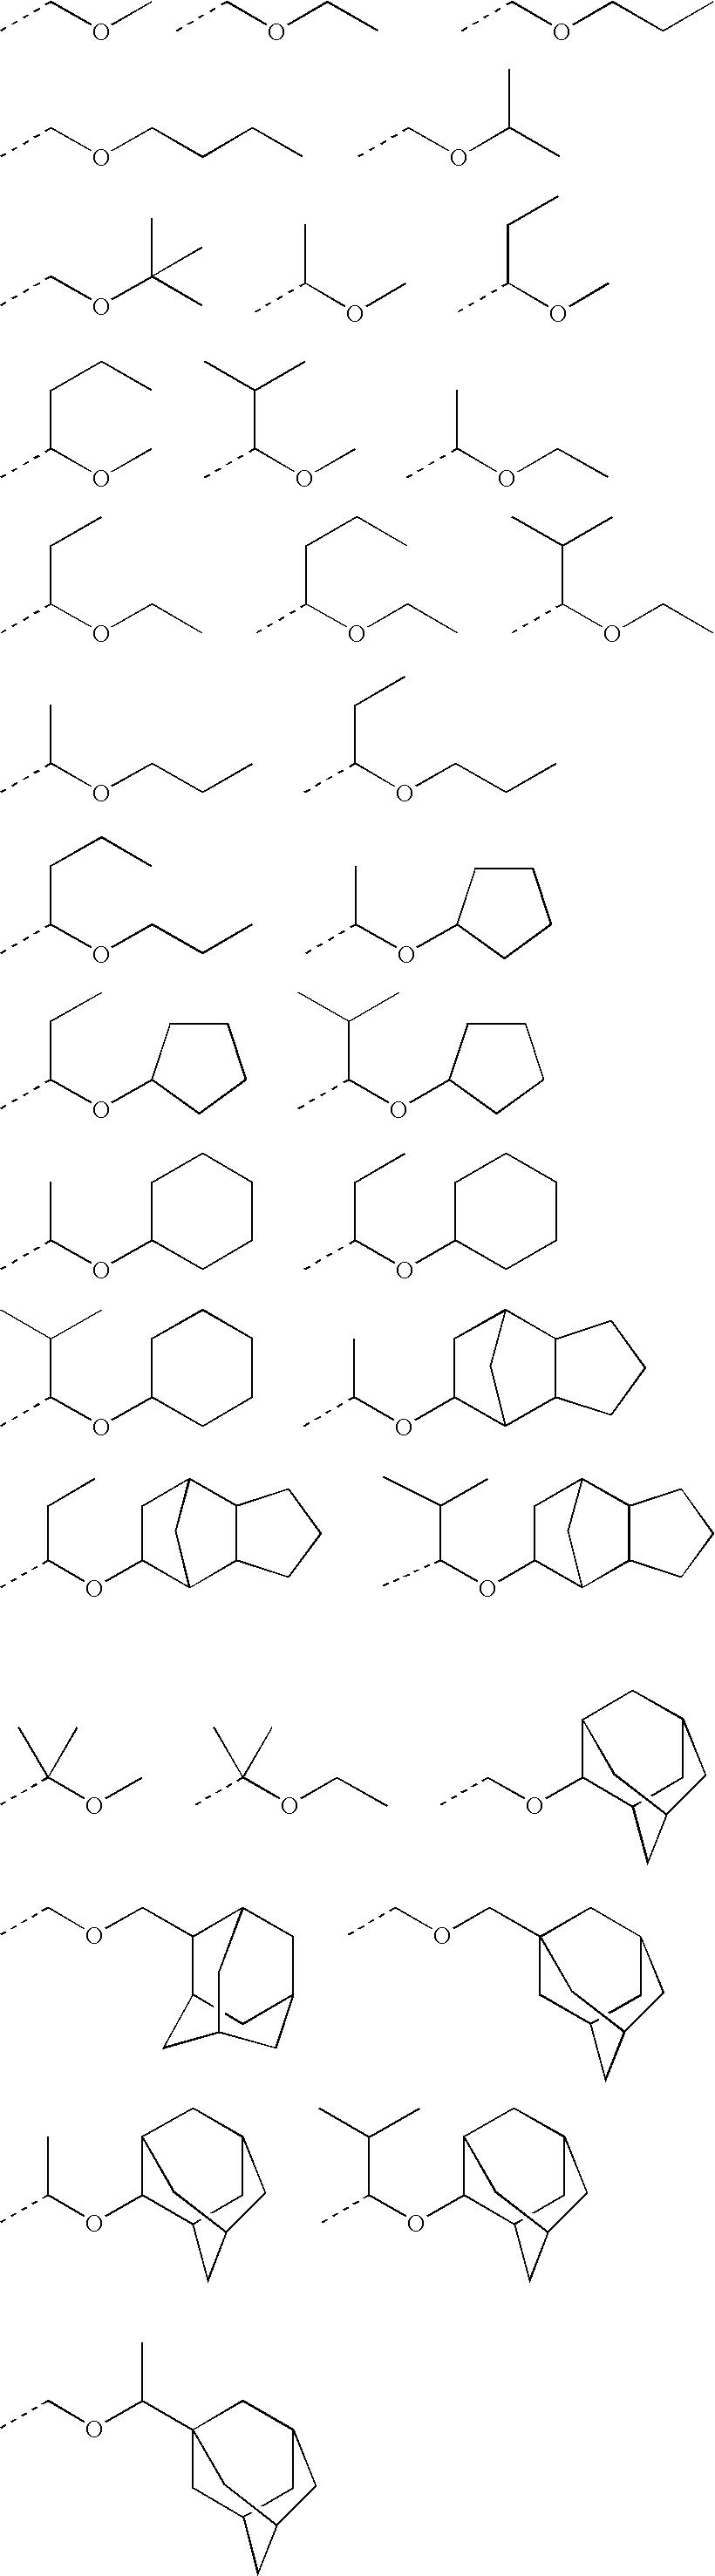 Figure US20090011365A1-20090108-C00030